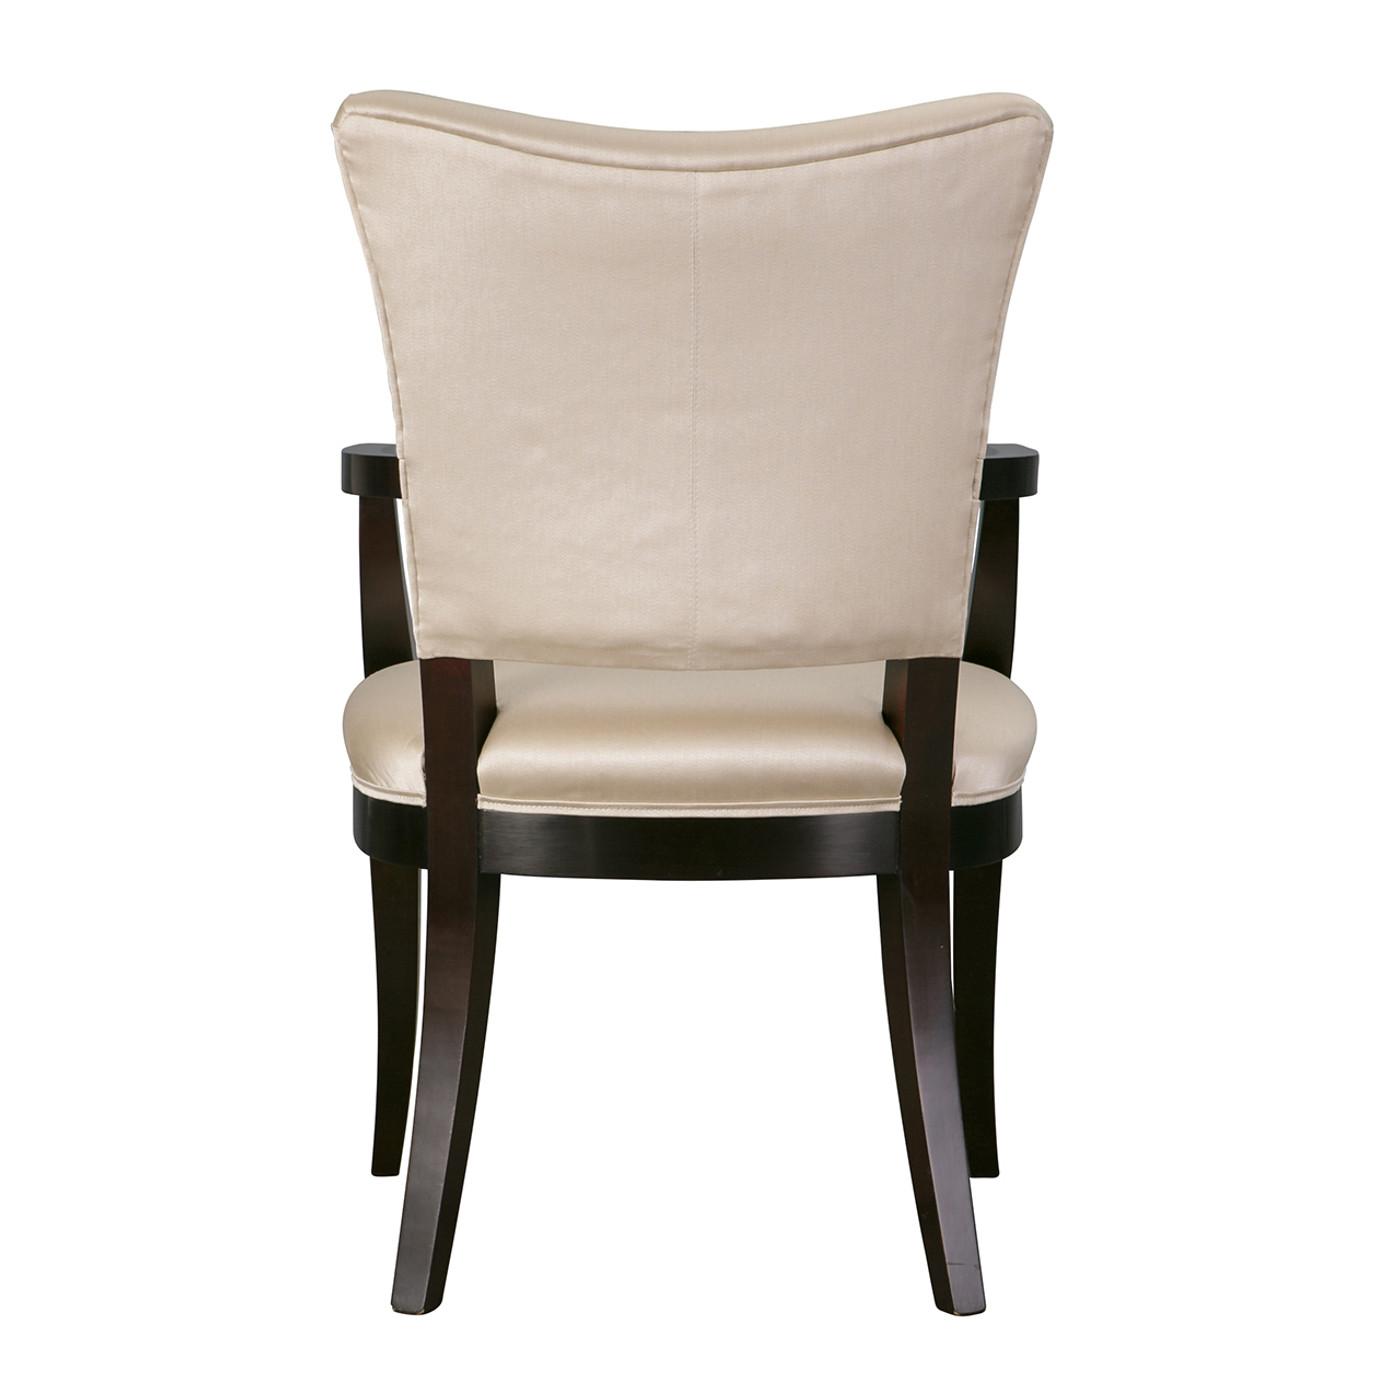 Annapolitan Arm Chair - Size I #1